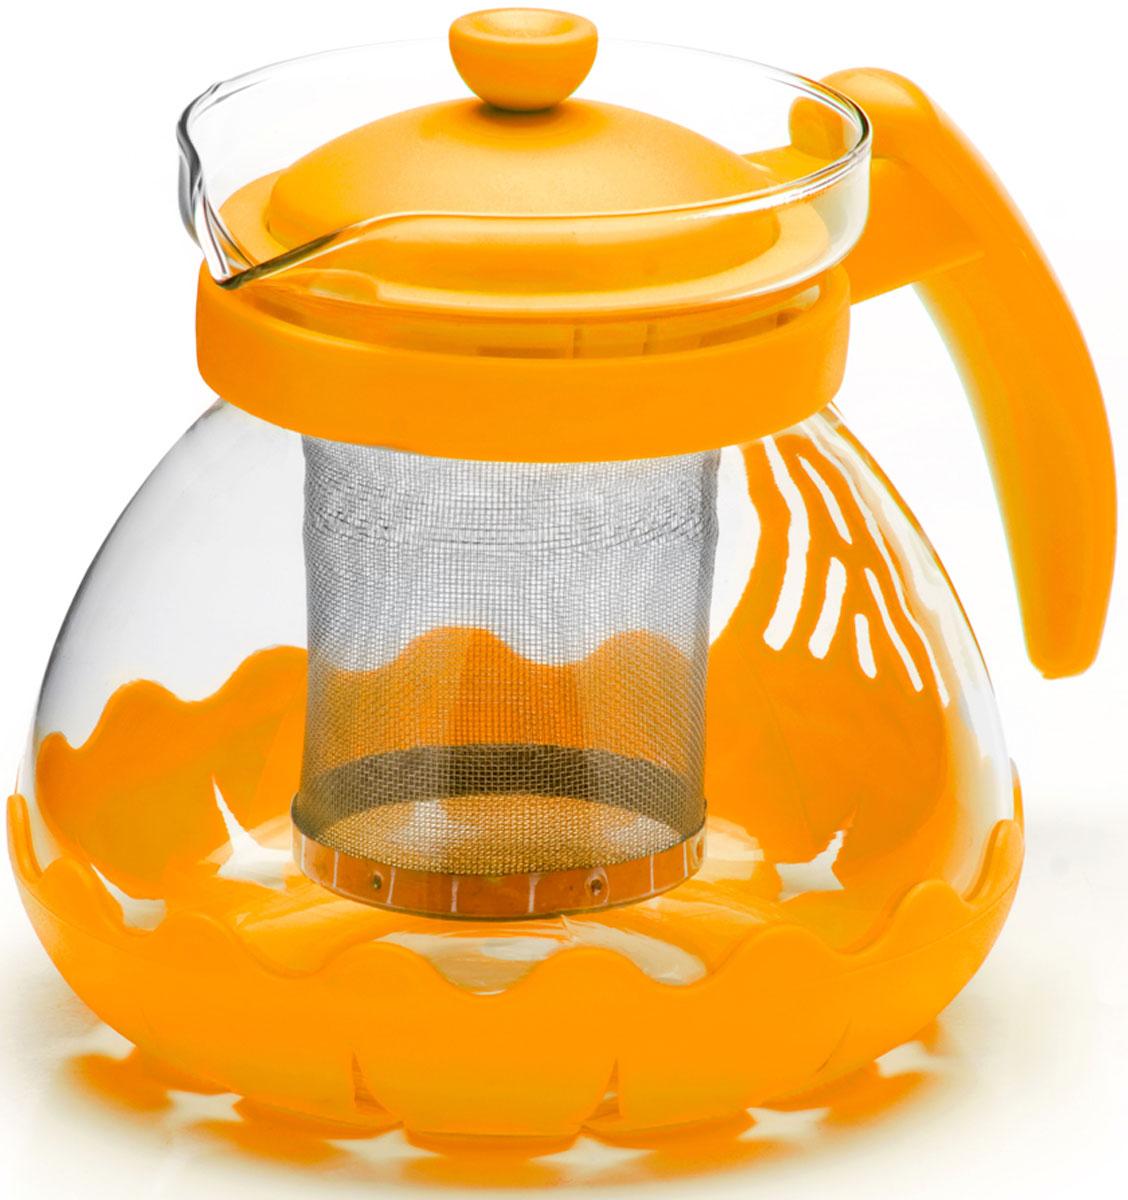 Чайник заварочный Mayer & Boch, с фильтром, цвет: желтый, 700 мл. 26173-226173-2Заварочный чайник Mayer & Boch изготовлен из термостойкого боросиликатного стекла, фильтр выполнен из нержавеющей стали. Изделия из стекла не впитывают запахи, благодаря чему вы всегда получите натуральный, насыщенный вкус и аромат напитков. Заварочный чайник из стекла удобно использовать для повседневного заваривания чая практически любого сорта. Но цветочные, фруктовые, красные и желтые сорта чая лучше других раскрывают свой вкус и аромат при заваривании именно в стеклянных чайниках, а также сохраняют все полезные ферменты и витамины, содержащиеся в чайных листах. Стальной фильтр гарантирует прозрачность и чистоту напитка от чайных листьев, при этом сохранив букет и насыщенность чая.Прозрачные стенки чайника дают возможность насладиться насыщенным цветом заваренного чая. Изящный заварочный чайник Mayer & Boch будет прекрасно смотреться в любом интерьере. Подходит для мытья в посудомоечной машине.